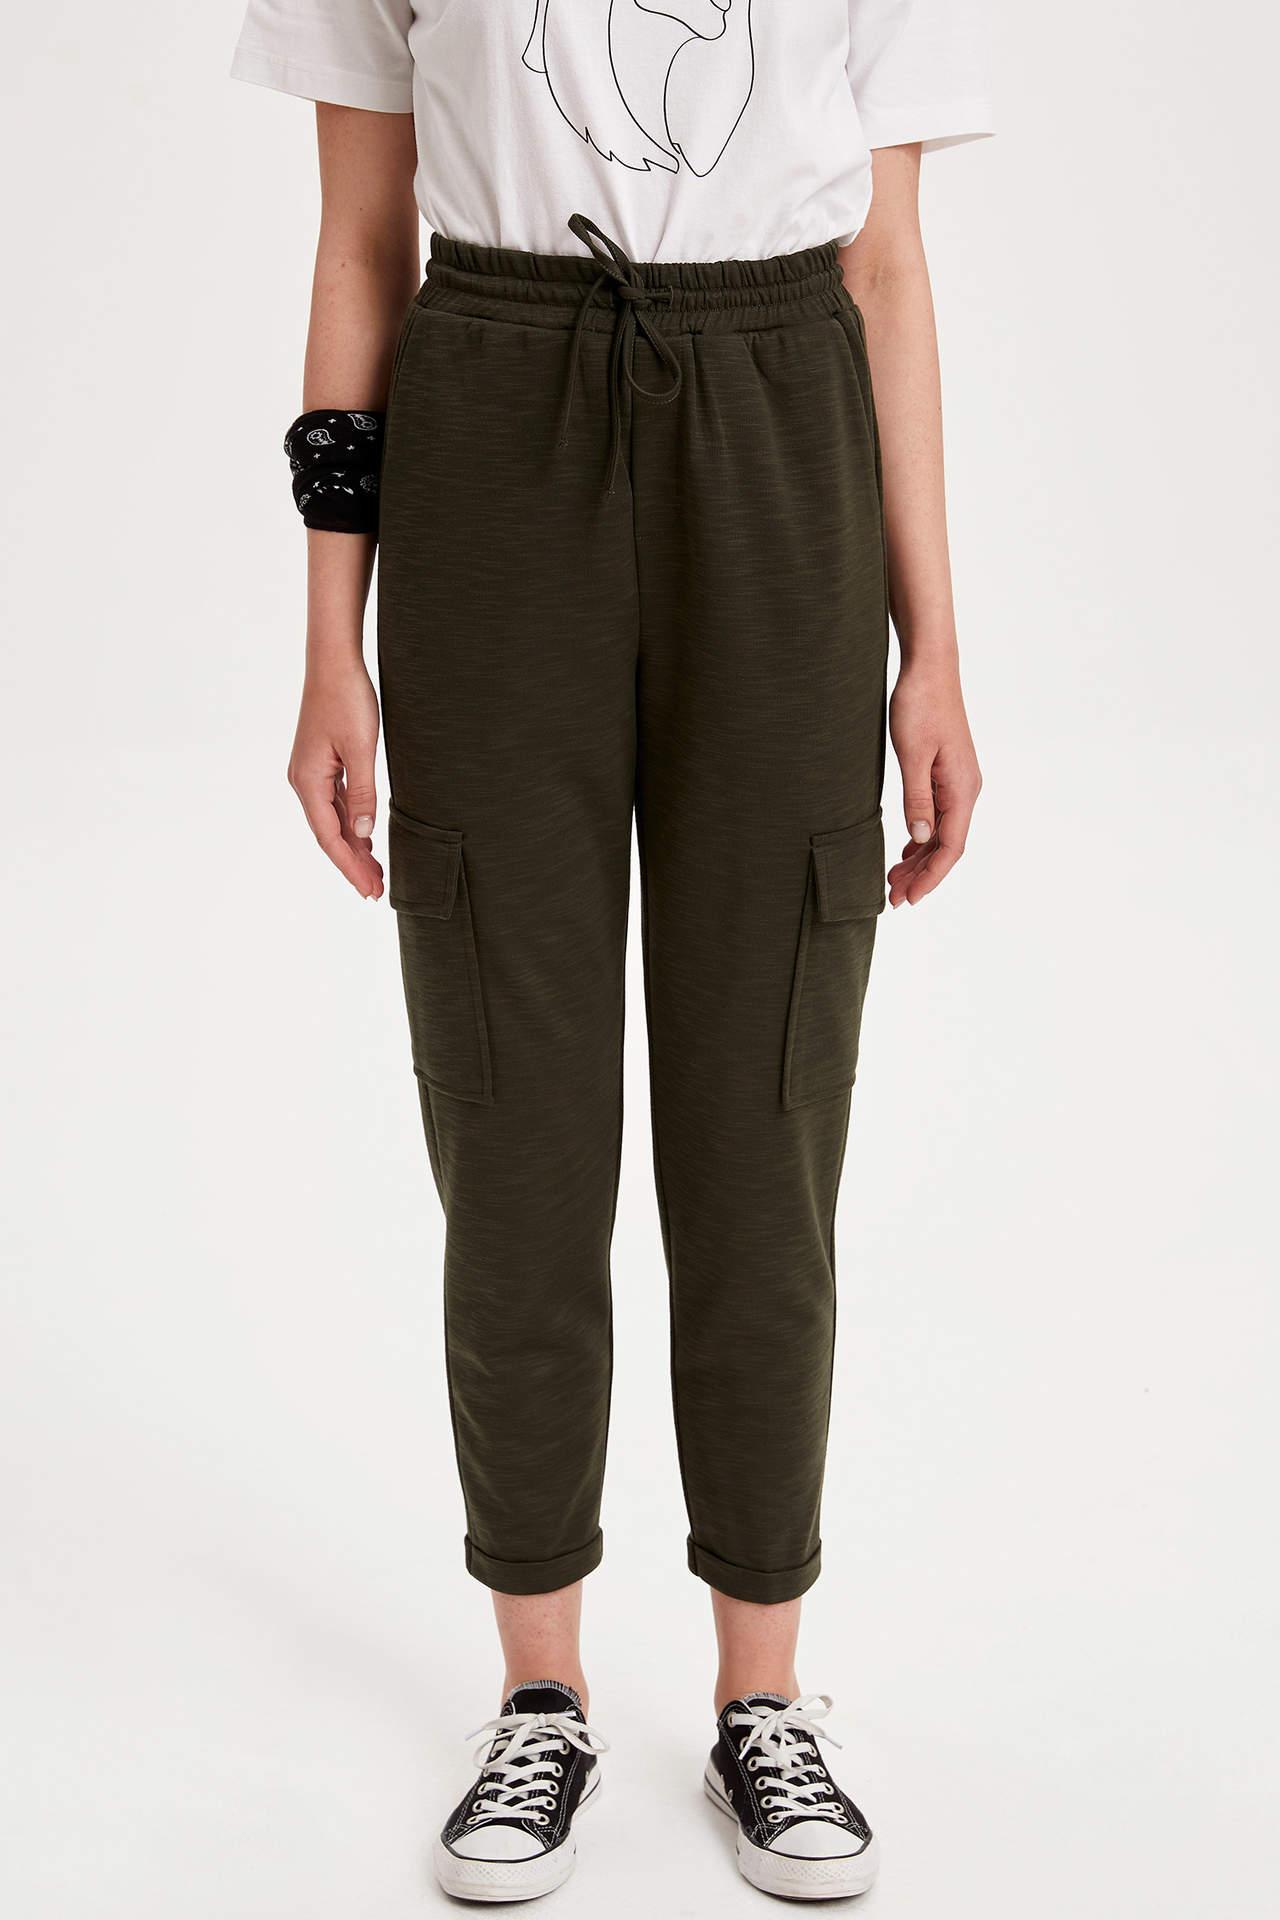 Defacto Kadın Örme Kargo Pantolon